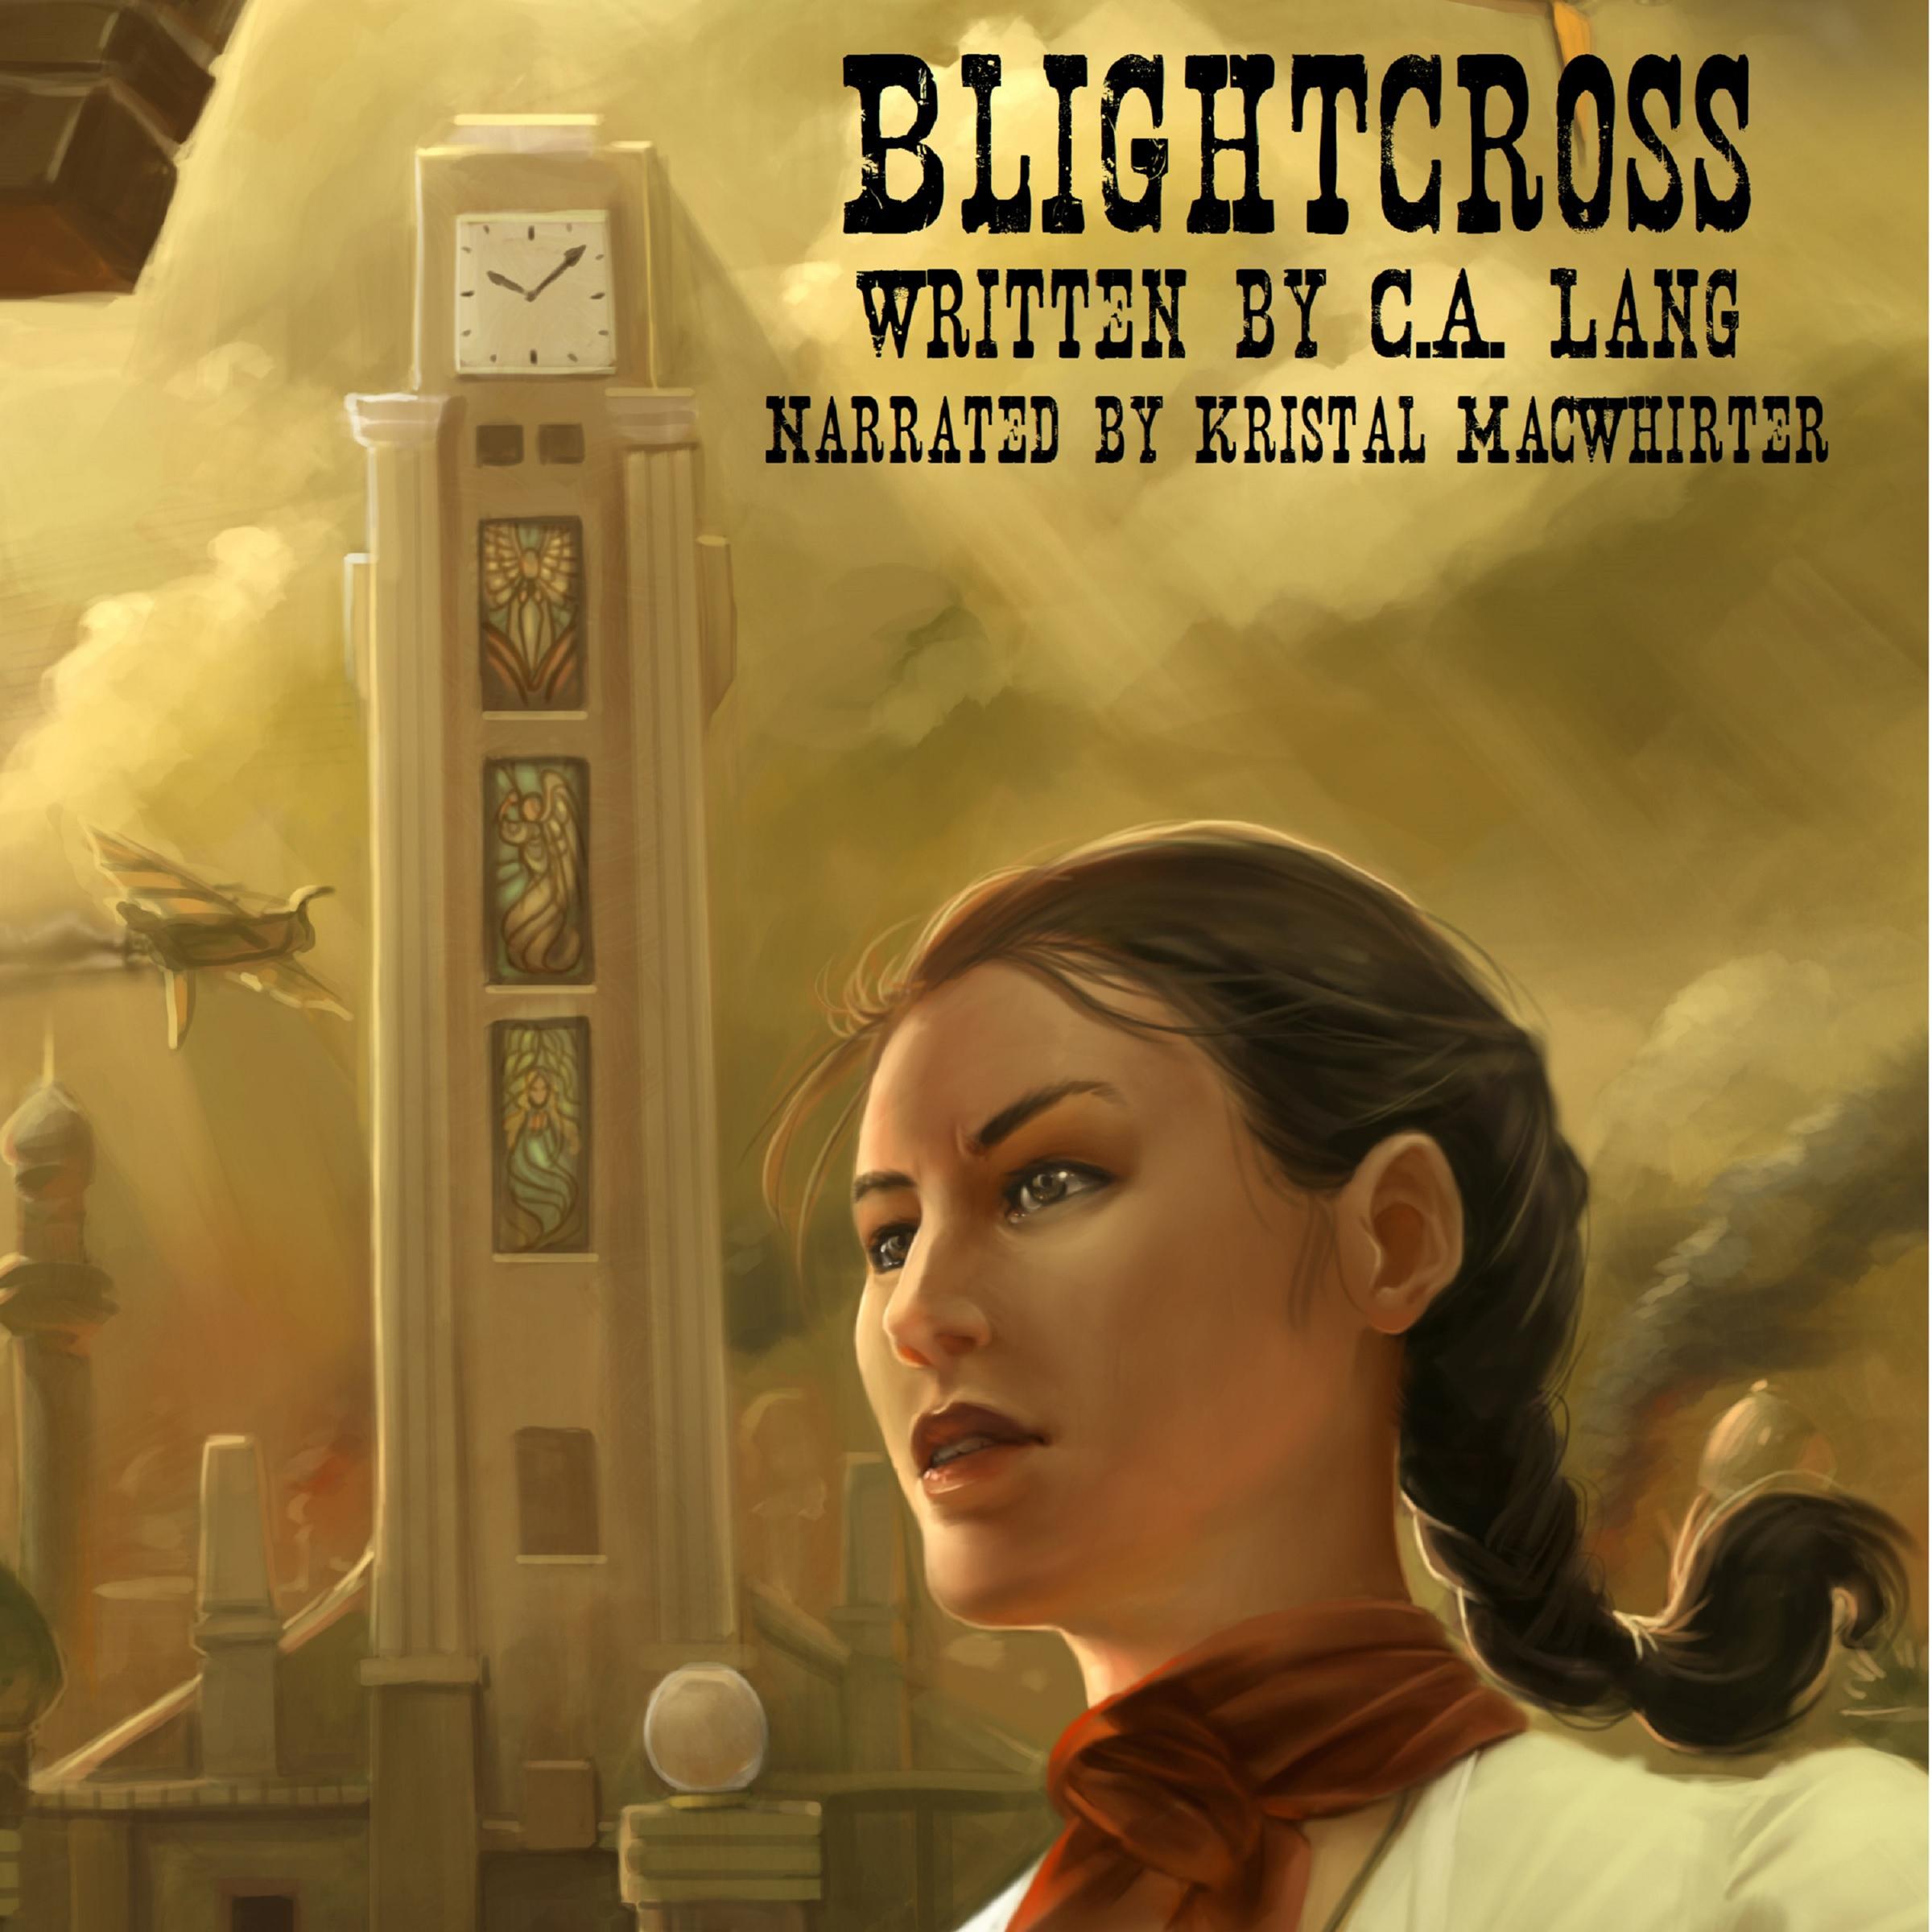 Blightcross cover image